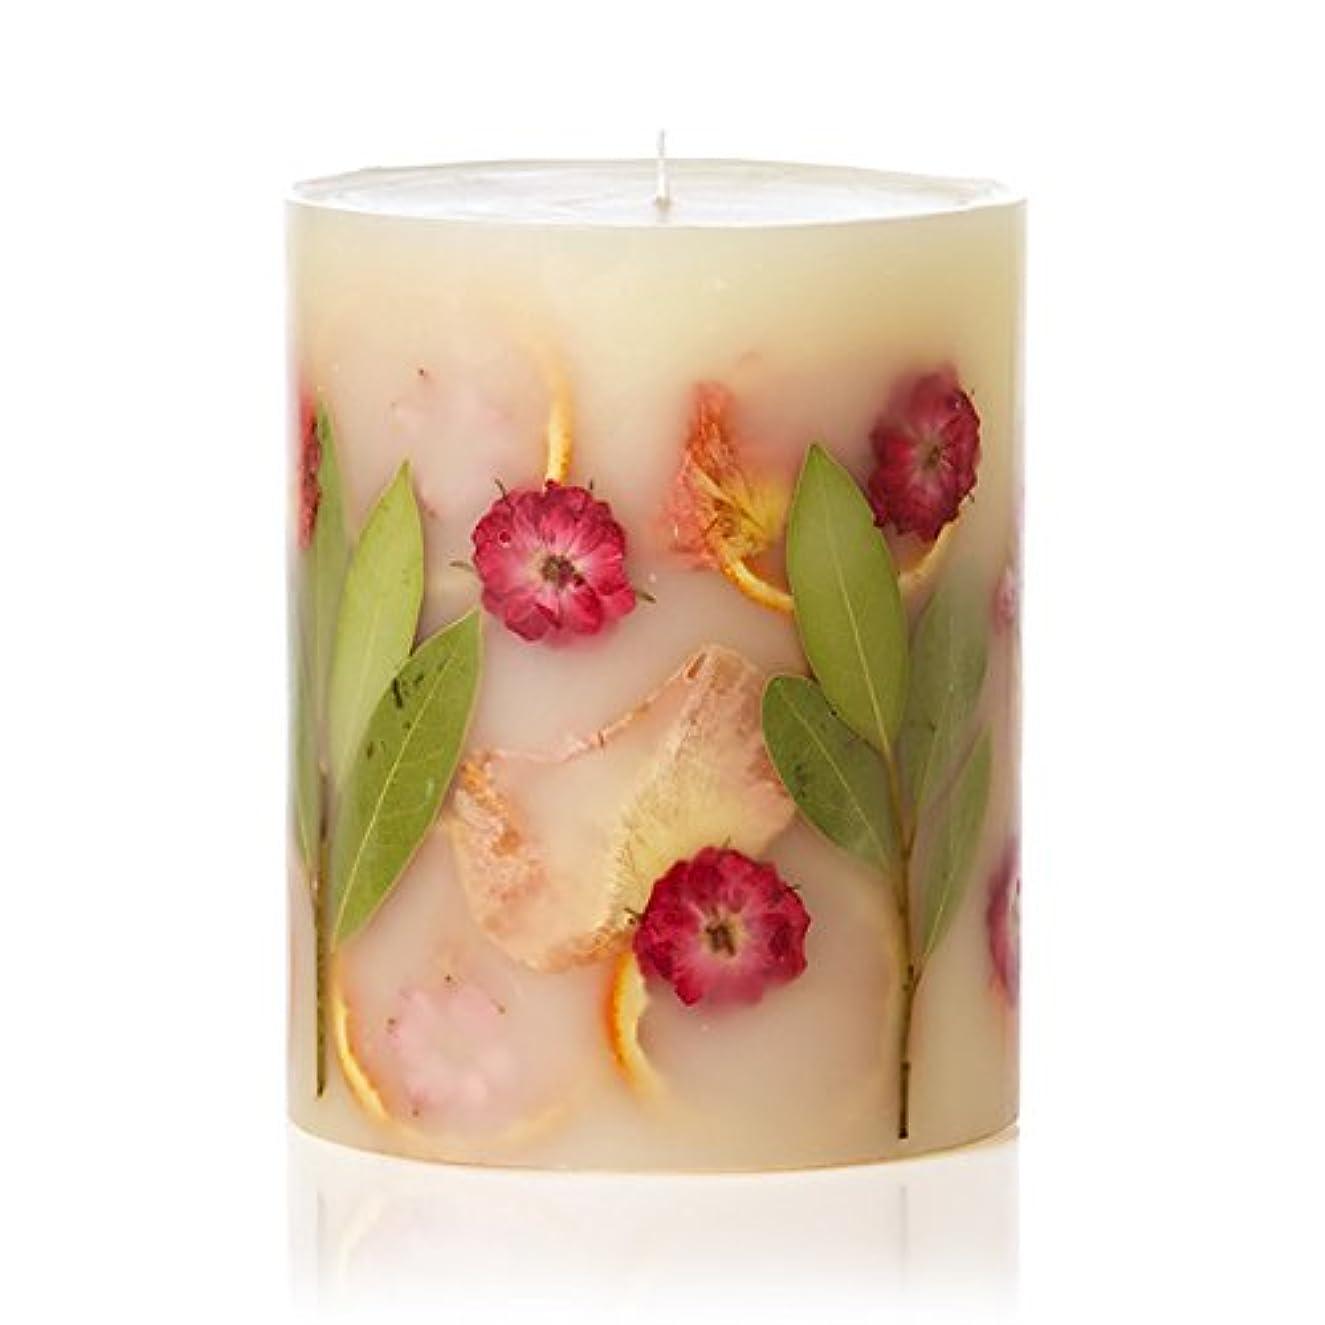 望むタイマーメモロージーリングス ボタニカルキャンドル トールラウンド ピオニー&ポメロ ROSY RINGS Round Botanical CandleTall Round Peony & Pomelo